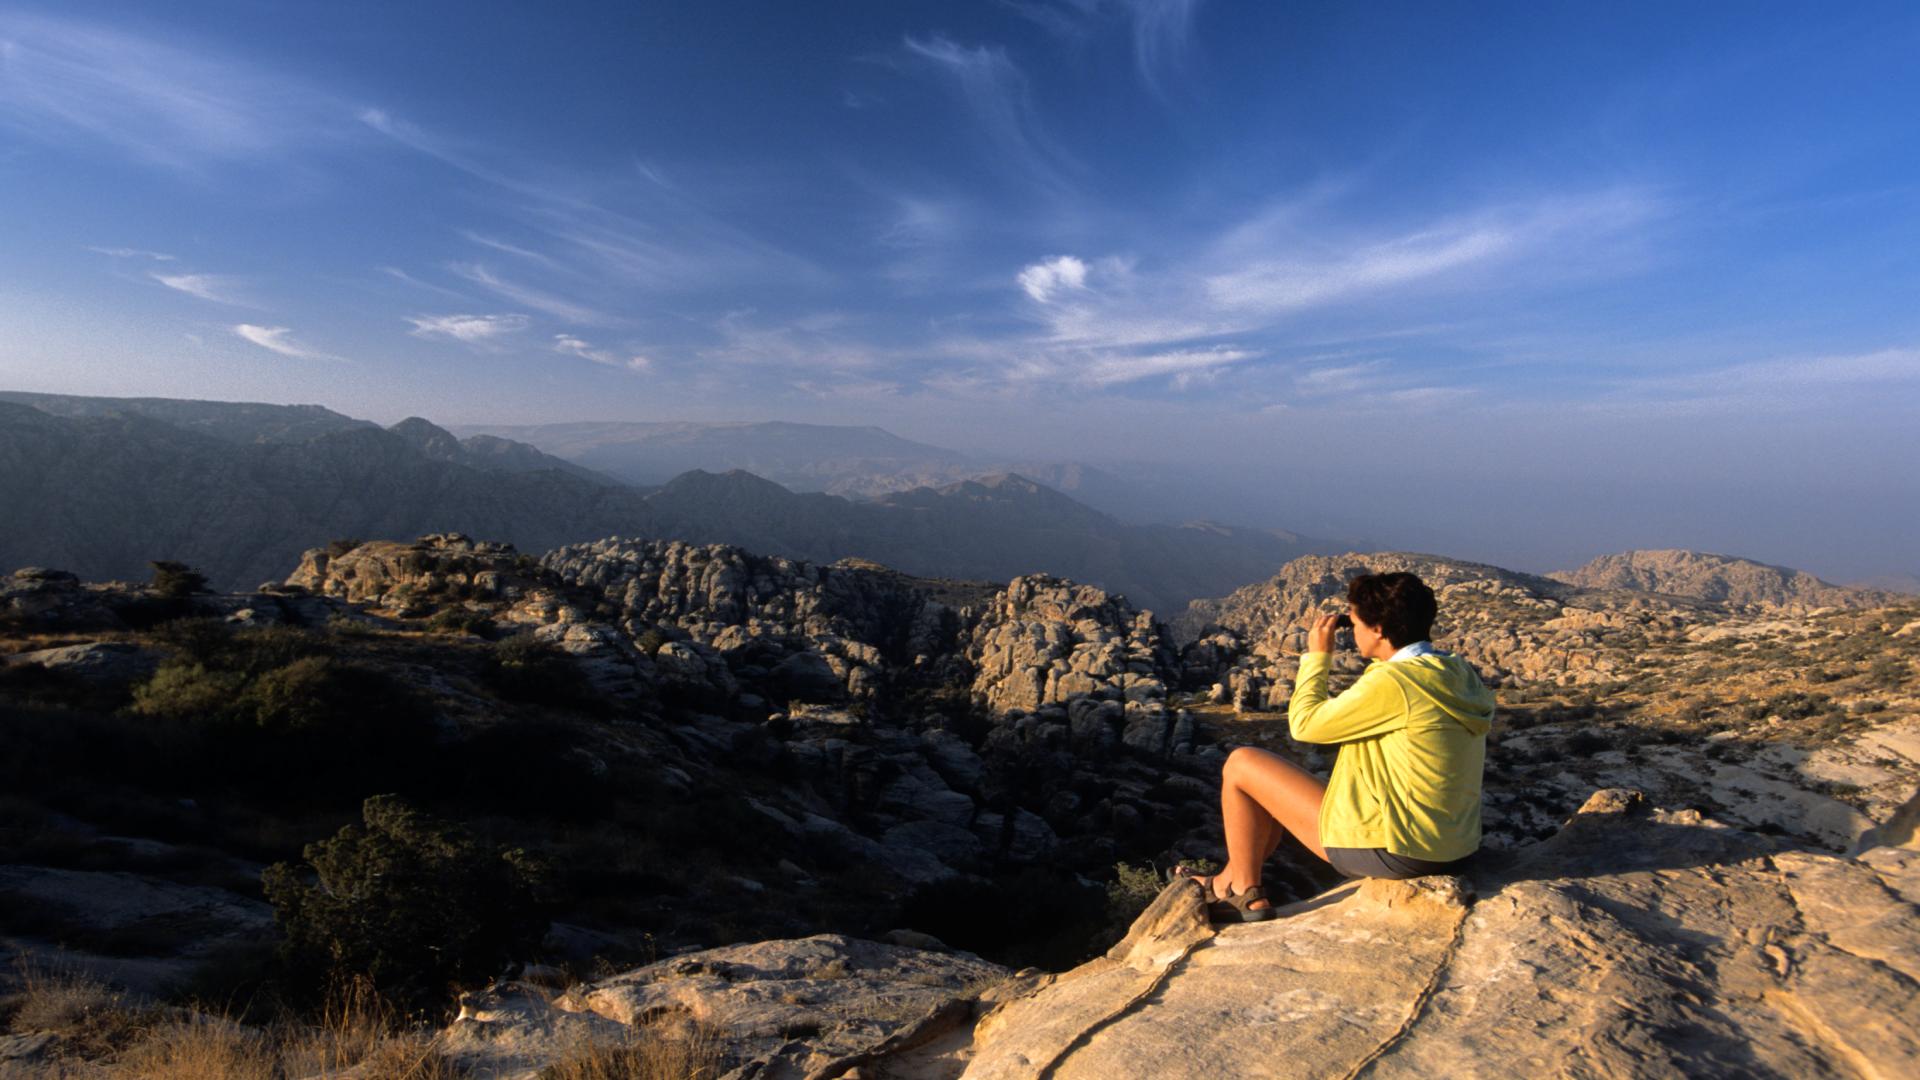 Vanaf plateau kijkend over landschap van Dana, Jordanië